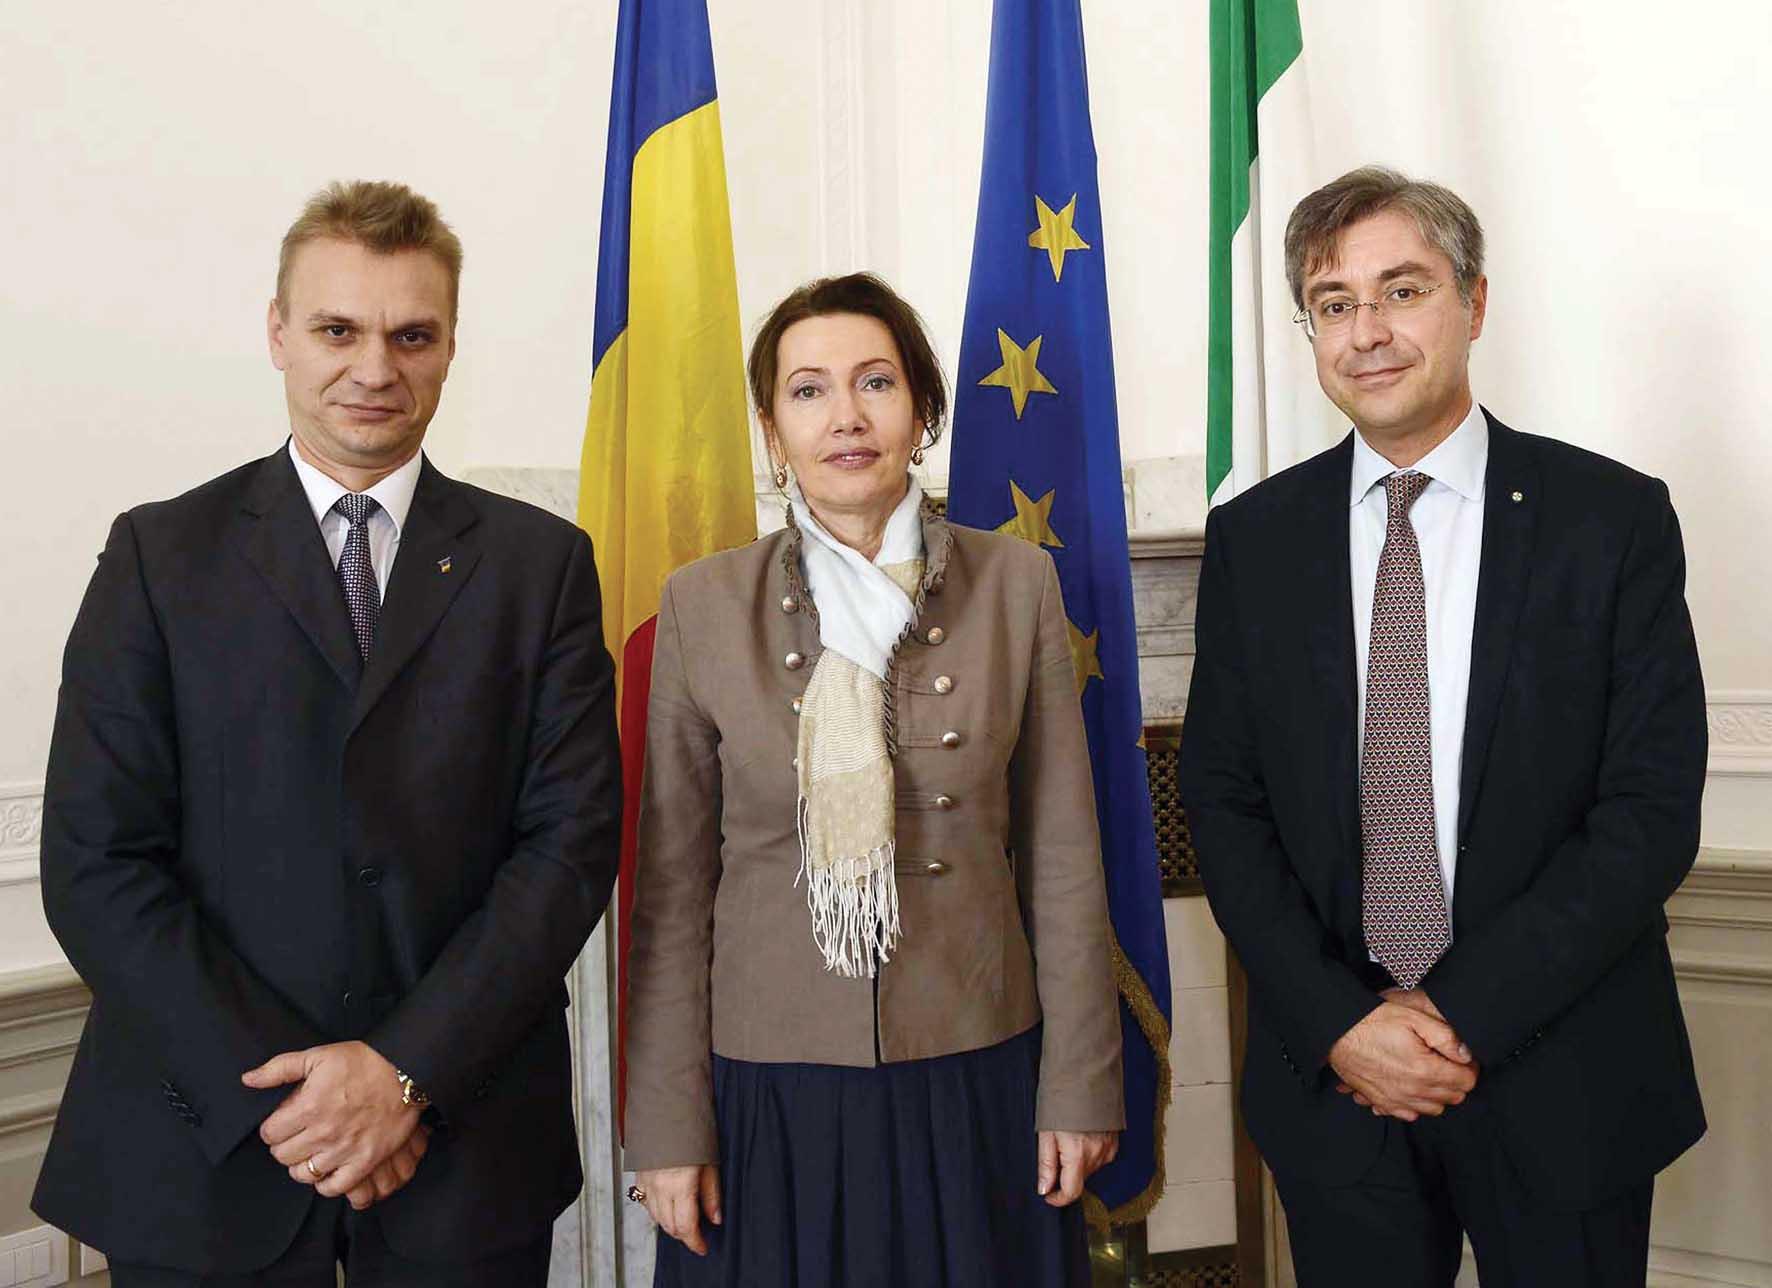 FVG Cosmin Dumitrescu Console generale di Romania a Trieste Dana Manuela Constantinescu Ambasciatore di Romania in Italia Francesco Peroni 1